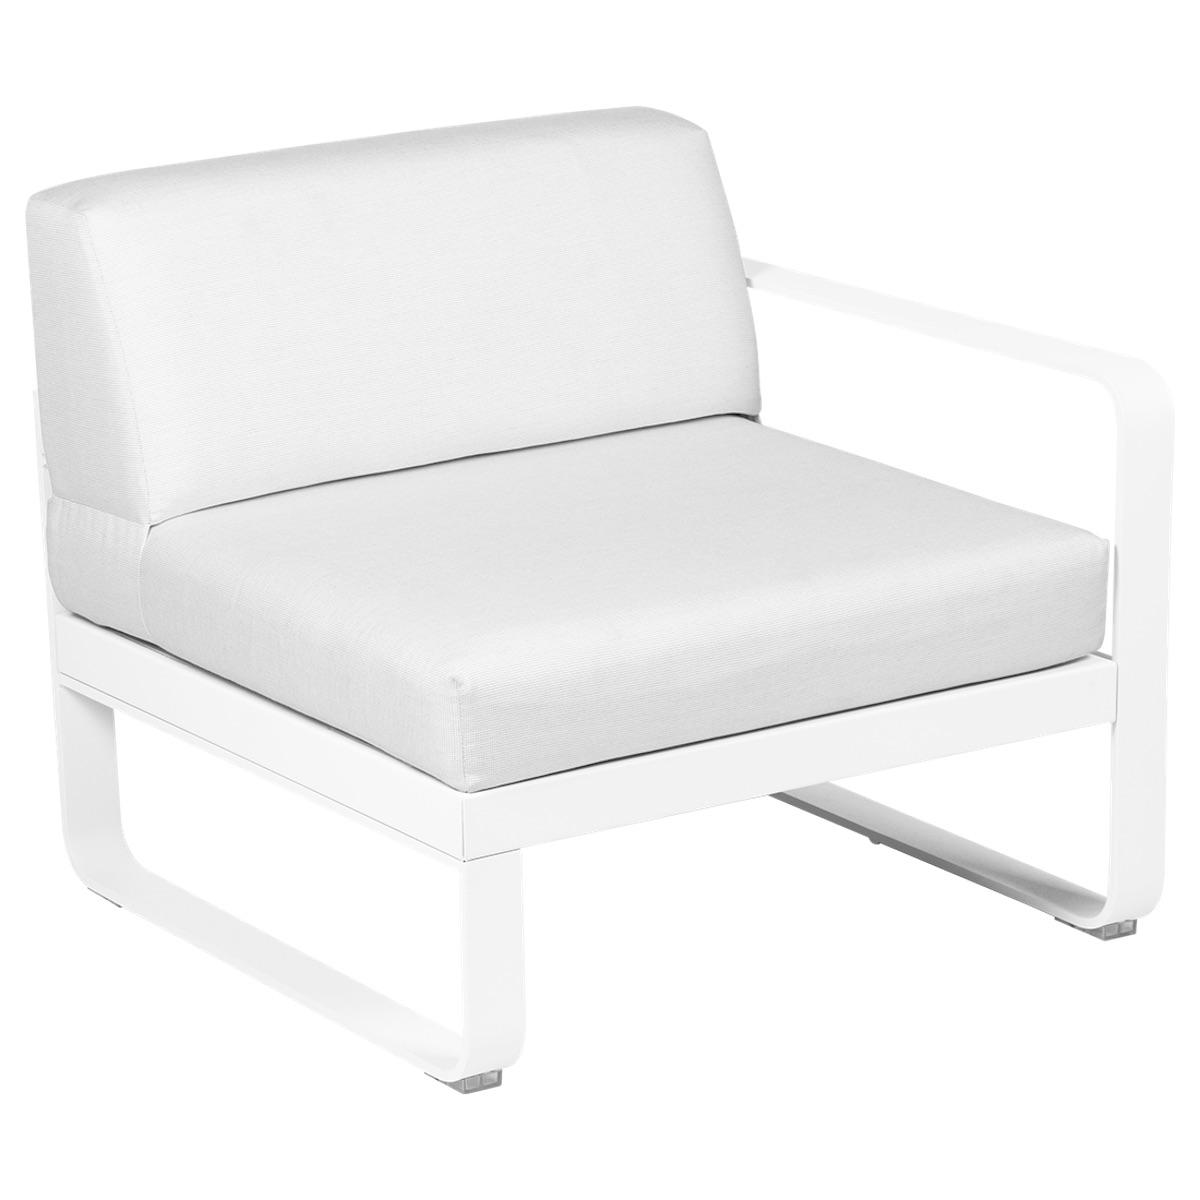 Module droit 1 place BELLEVIE Fermob blanc coton-Blanc grisé